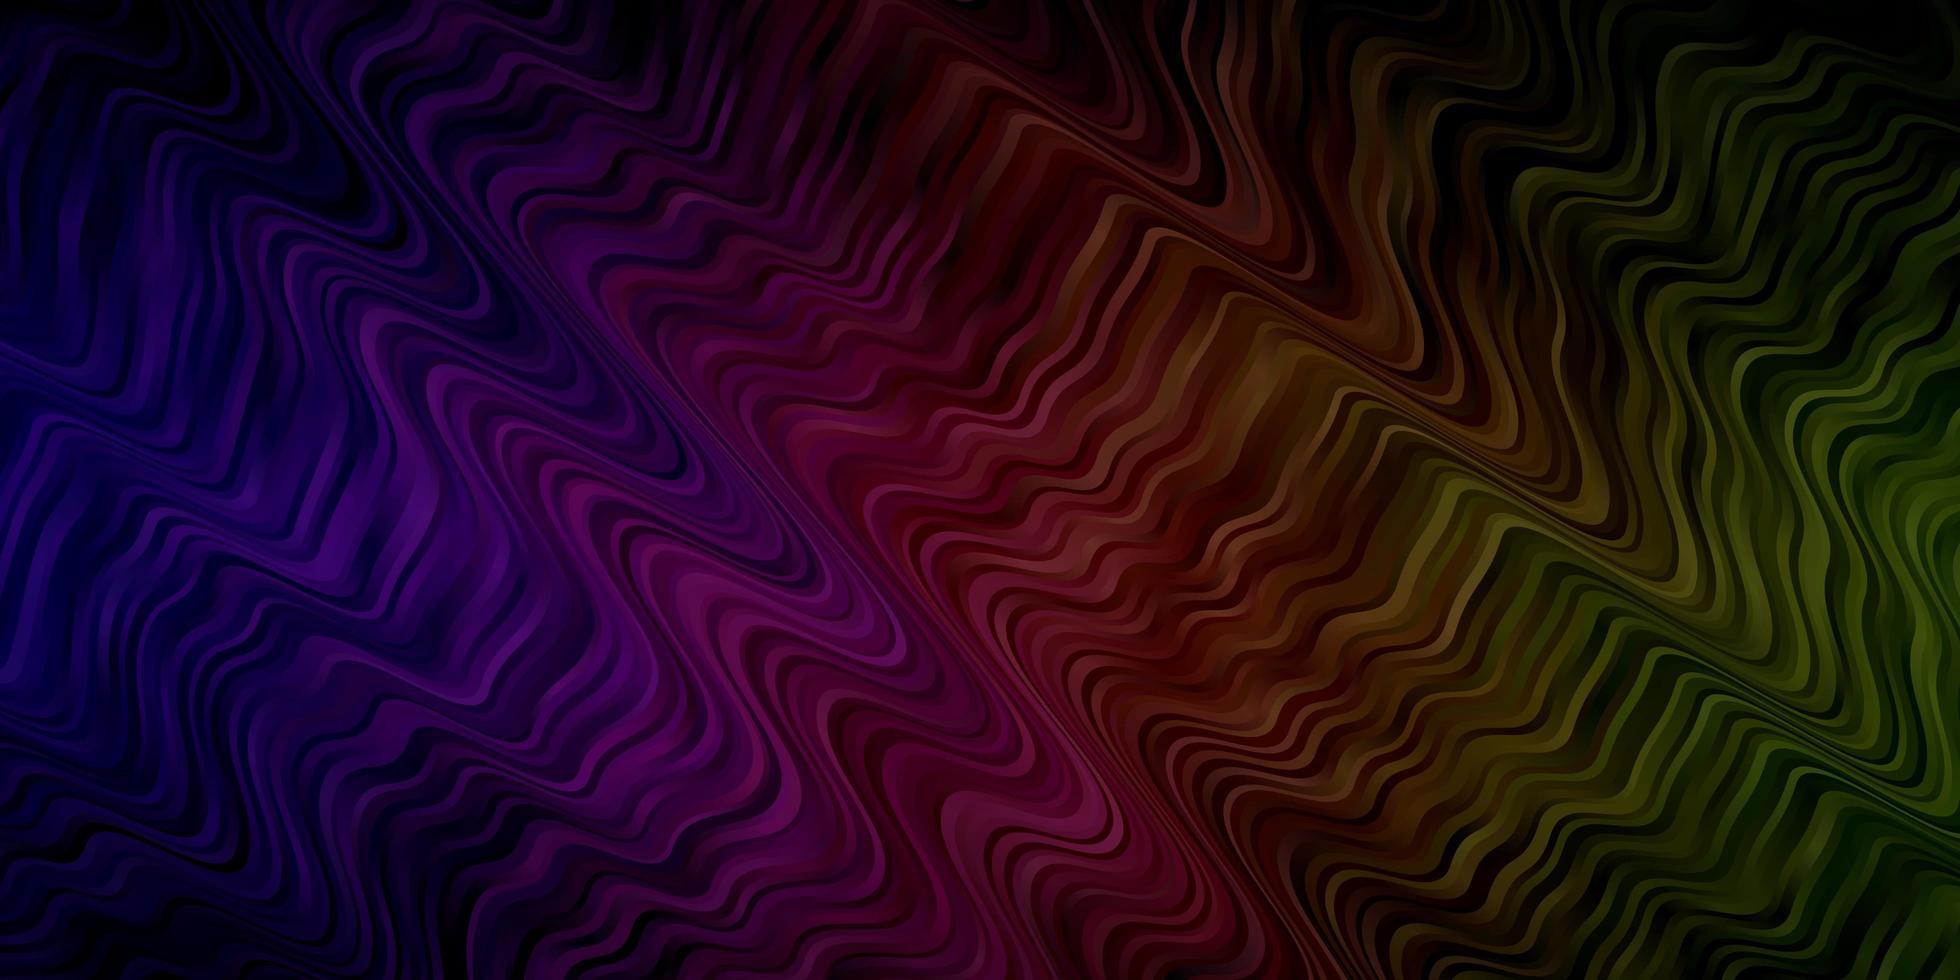 flerfärgad bakgrund med böjda linjer. vektor